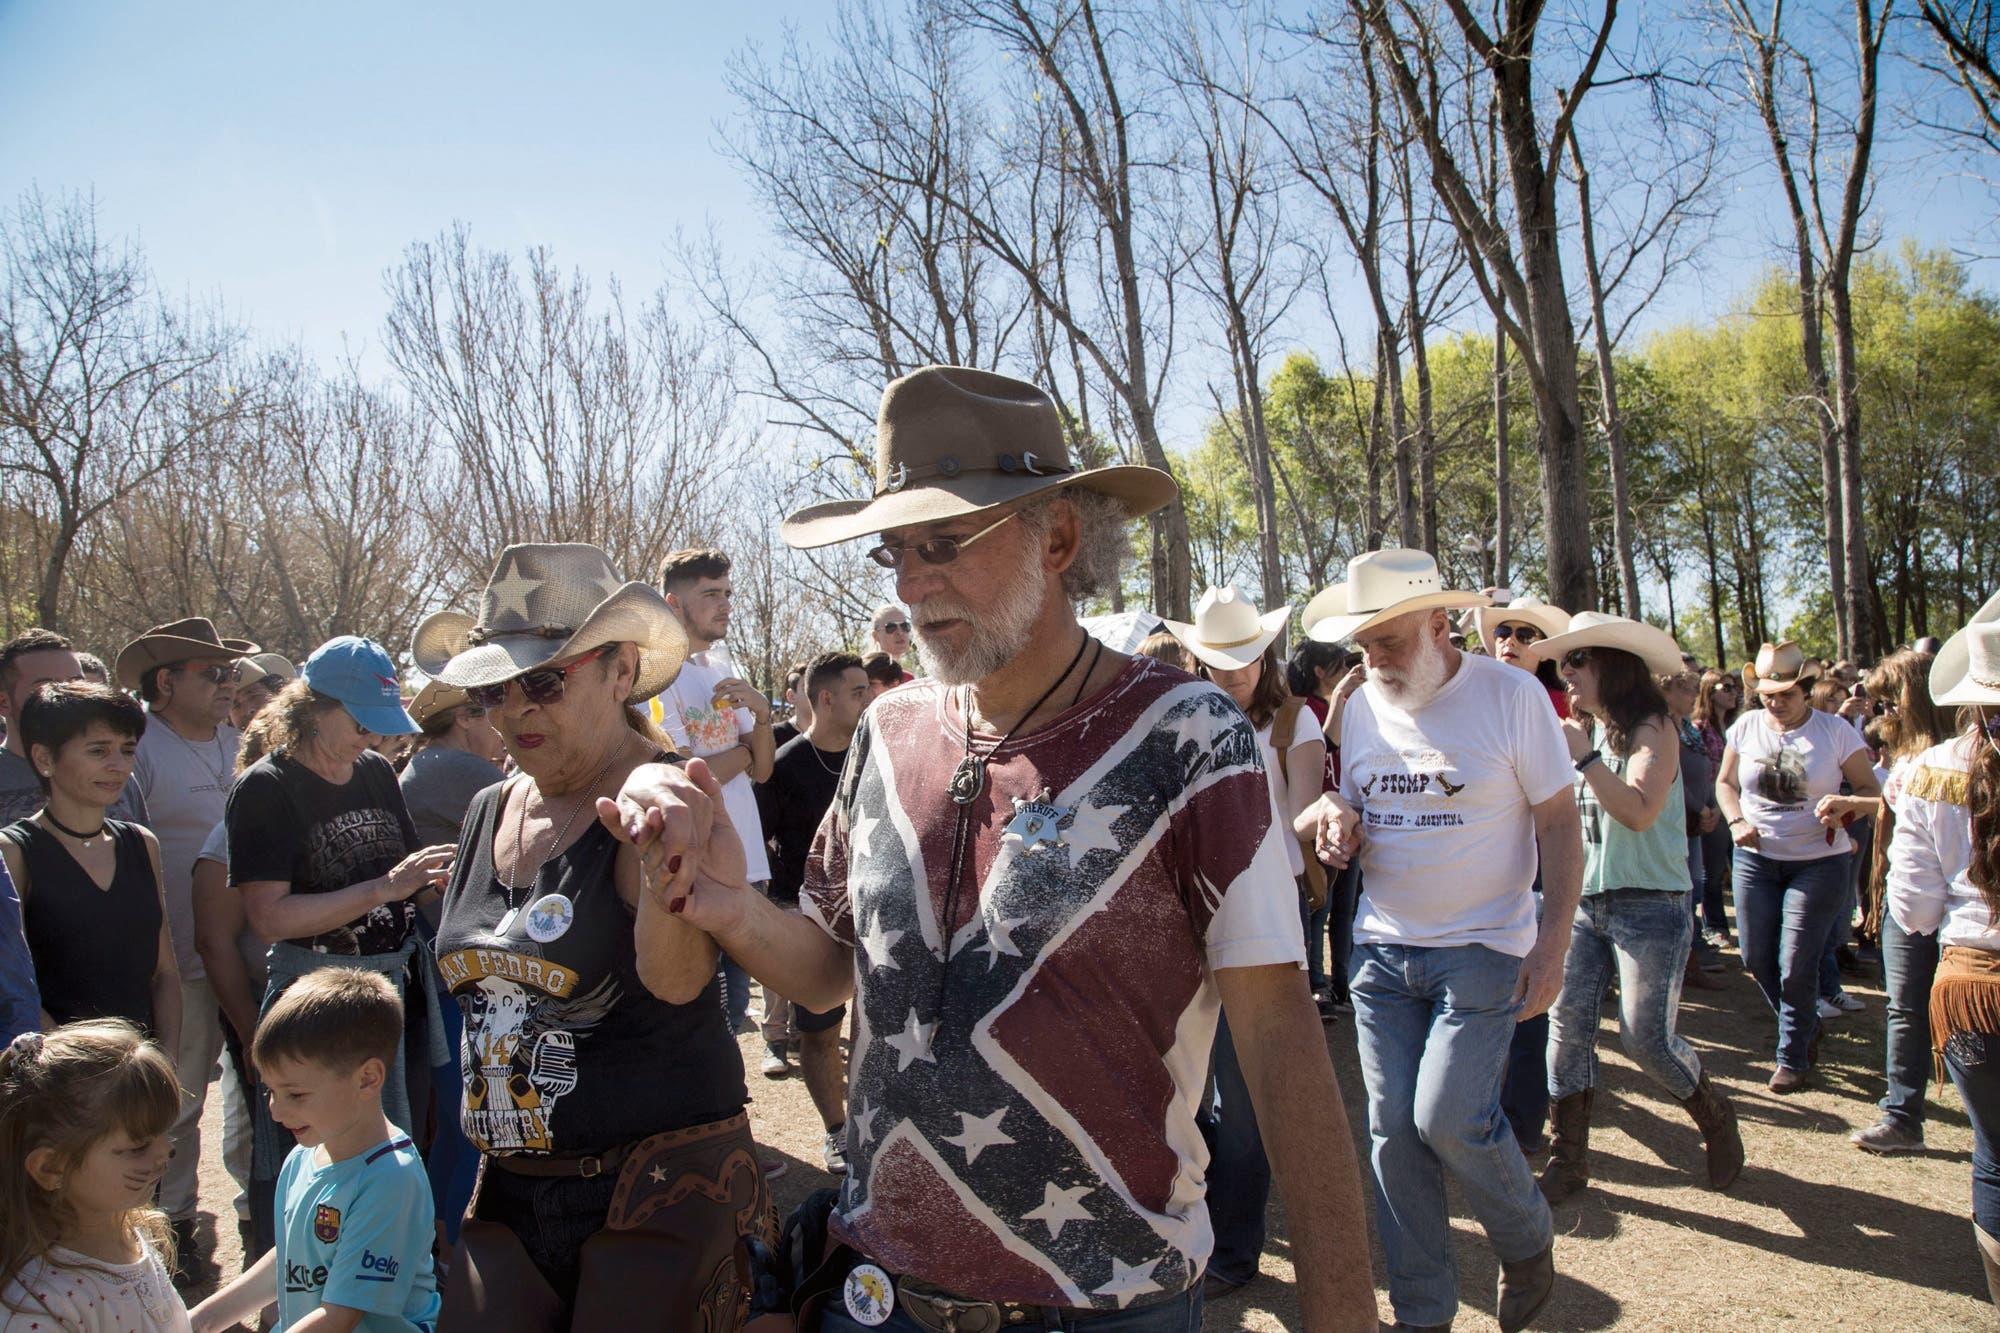 feac533ca8ae6 Entre cowgirls y vaqueros  el Lejano Oeste en San Pedro - LA NACION